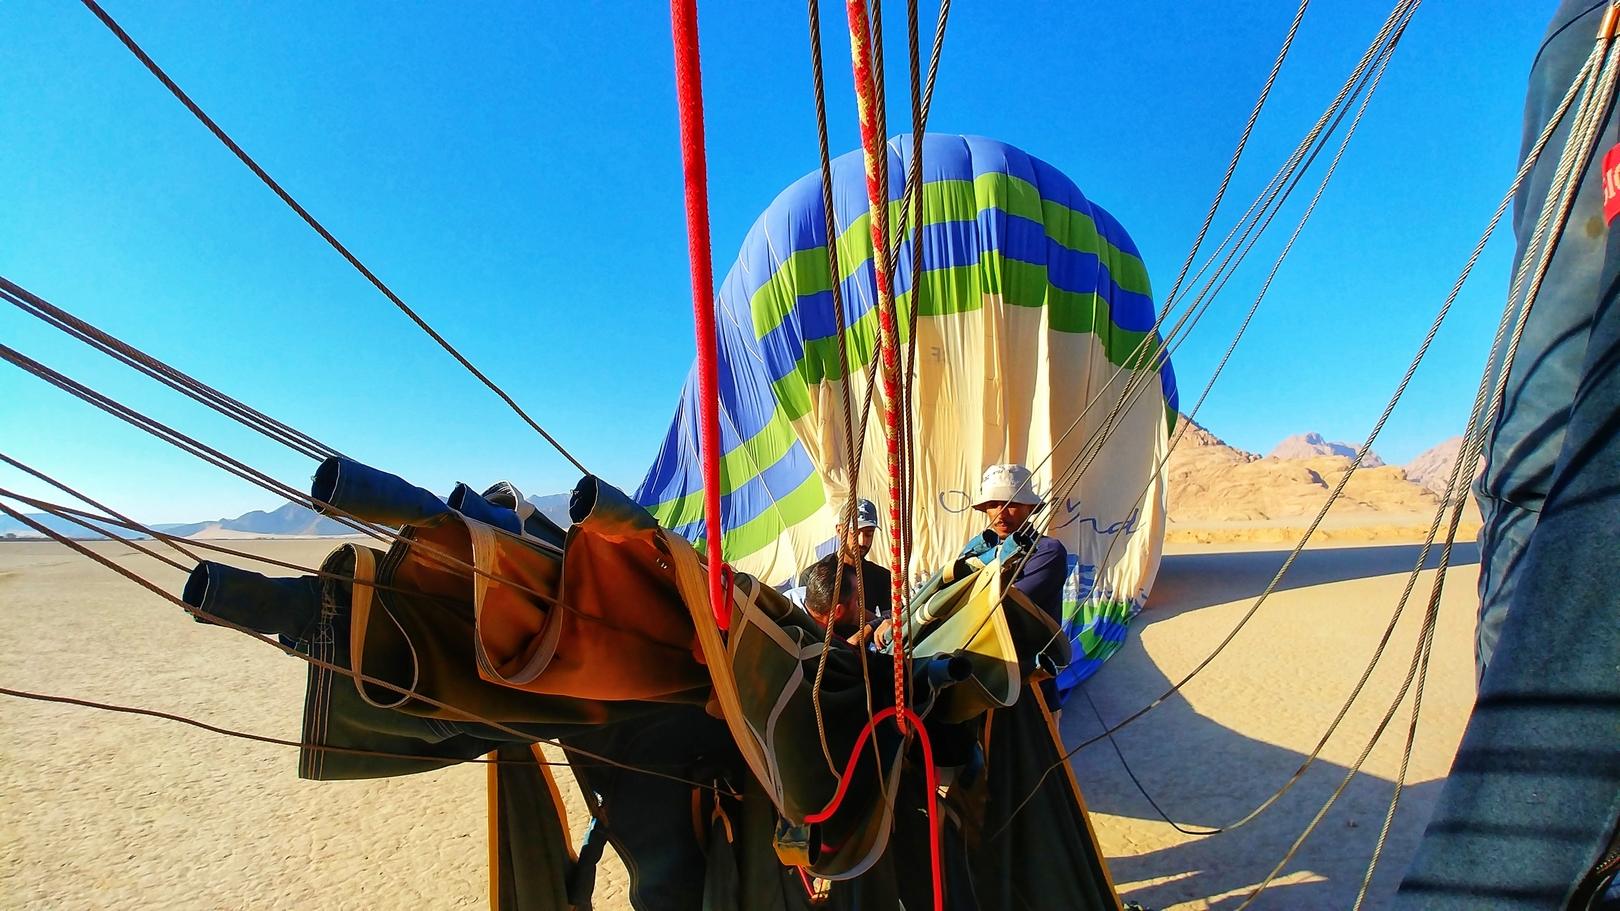 Jordanie - Montgolfière dans le désert de Wadi Rum